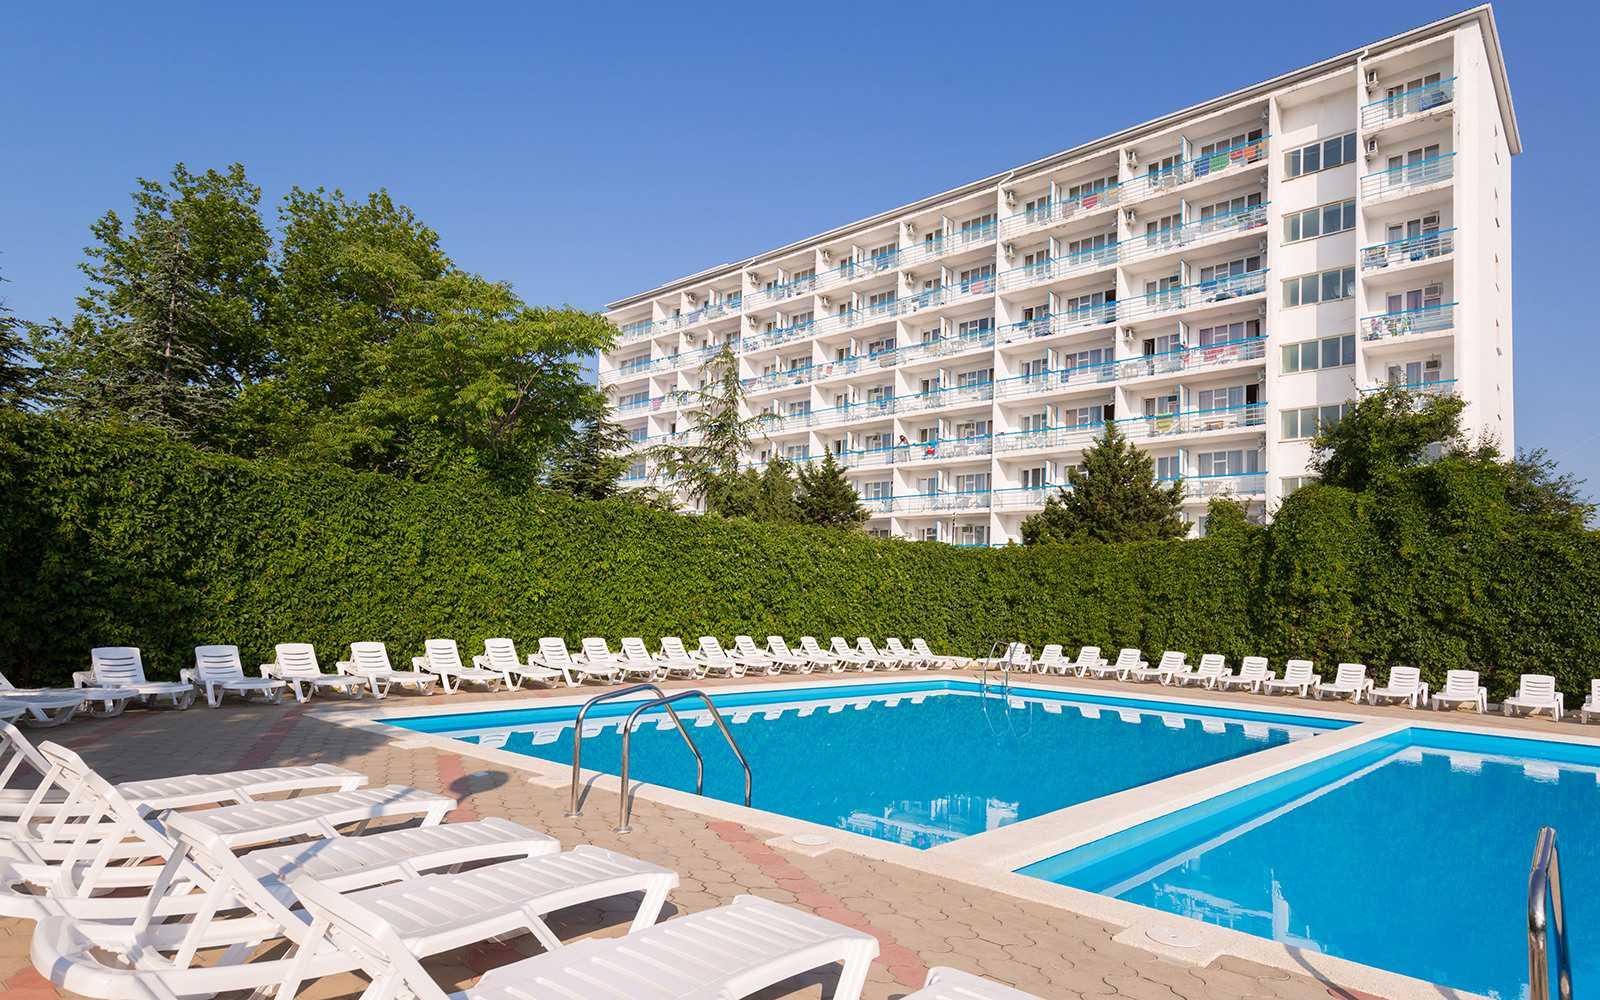 Где отдохнуть летом 2020 года в россии: лучшие отели черного моря